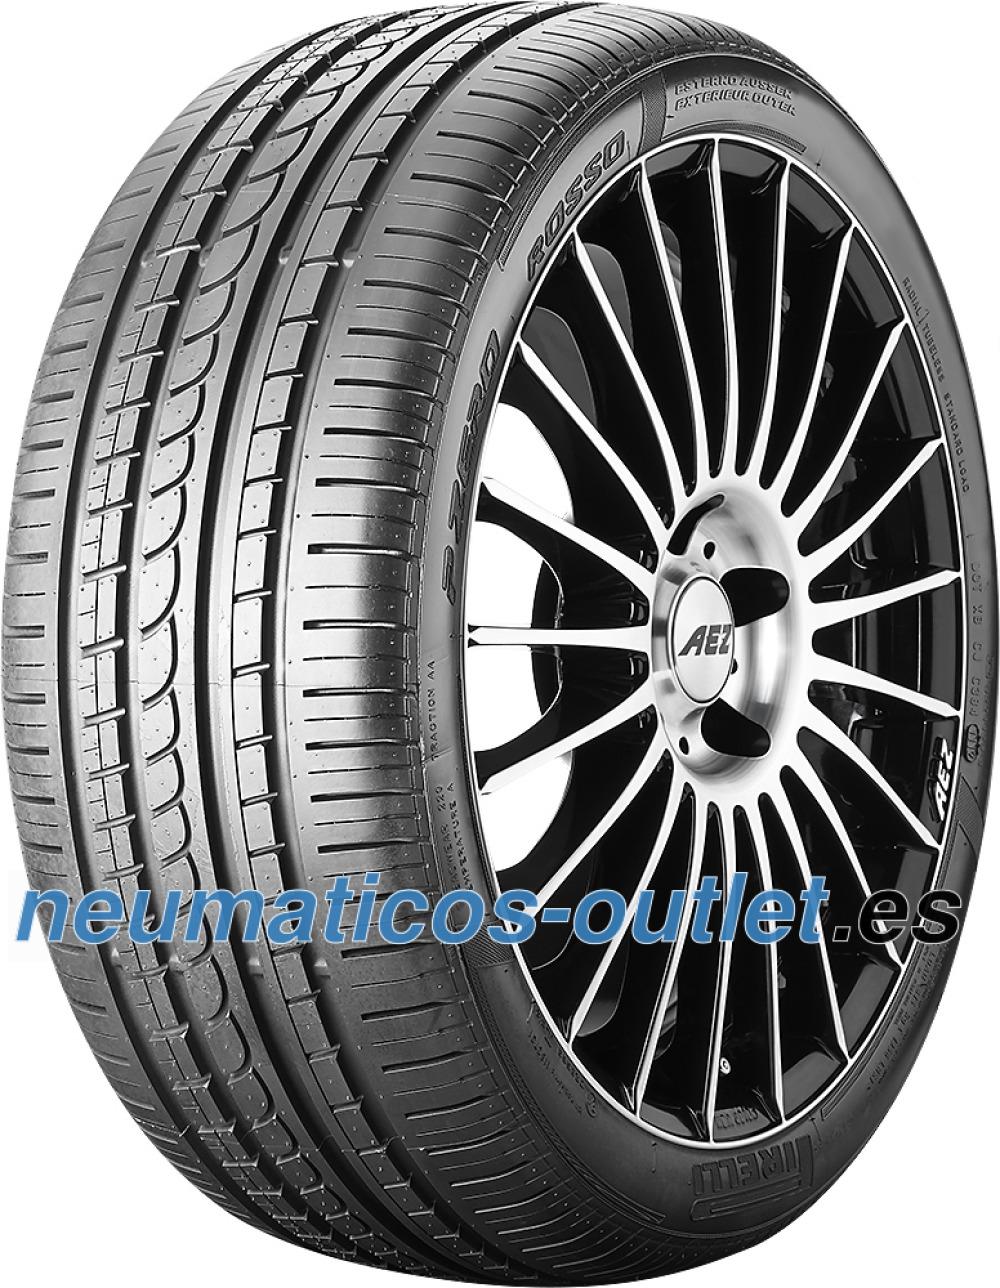 Pirelli P Zero Rosso Asimmetrico ( 255/50 ZR18 102Y con protector de llanta (MFS) )